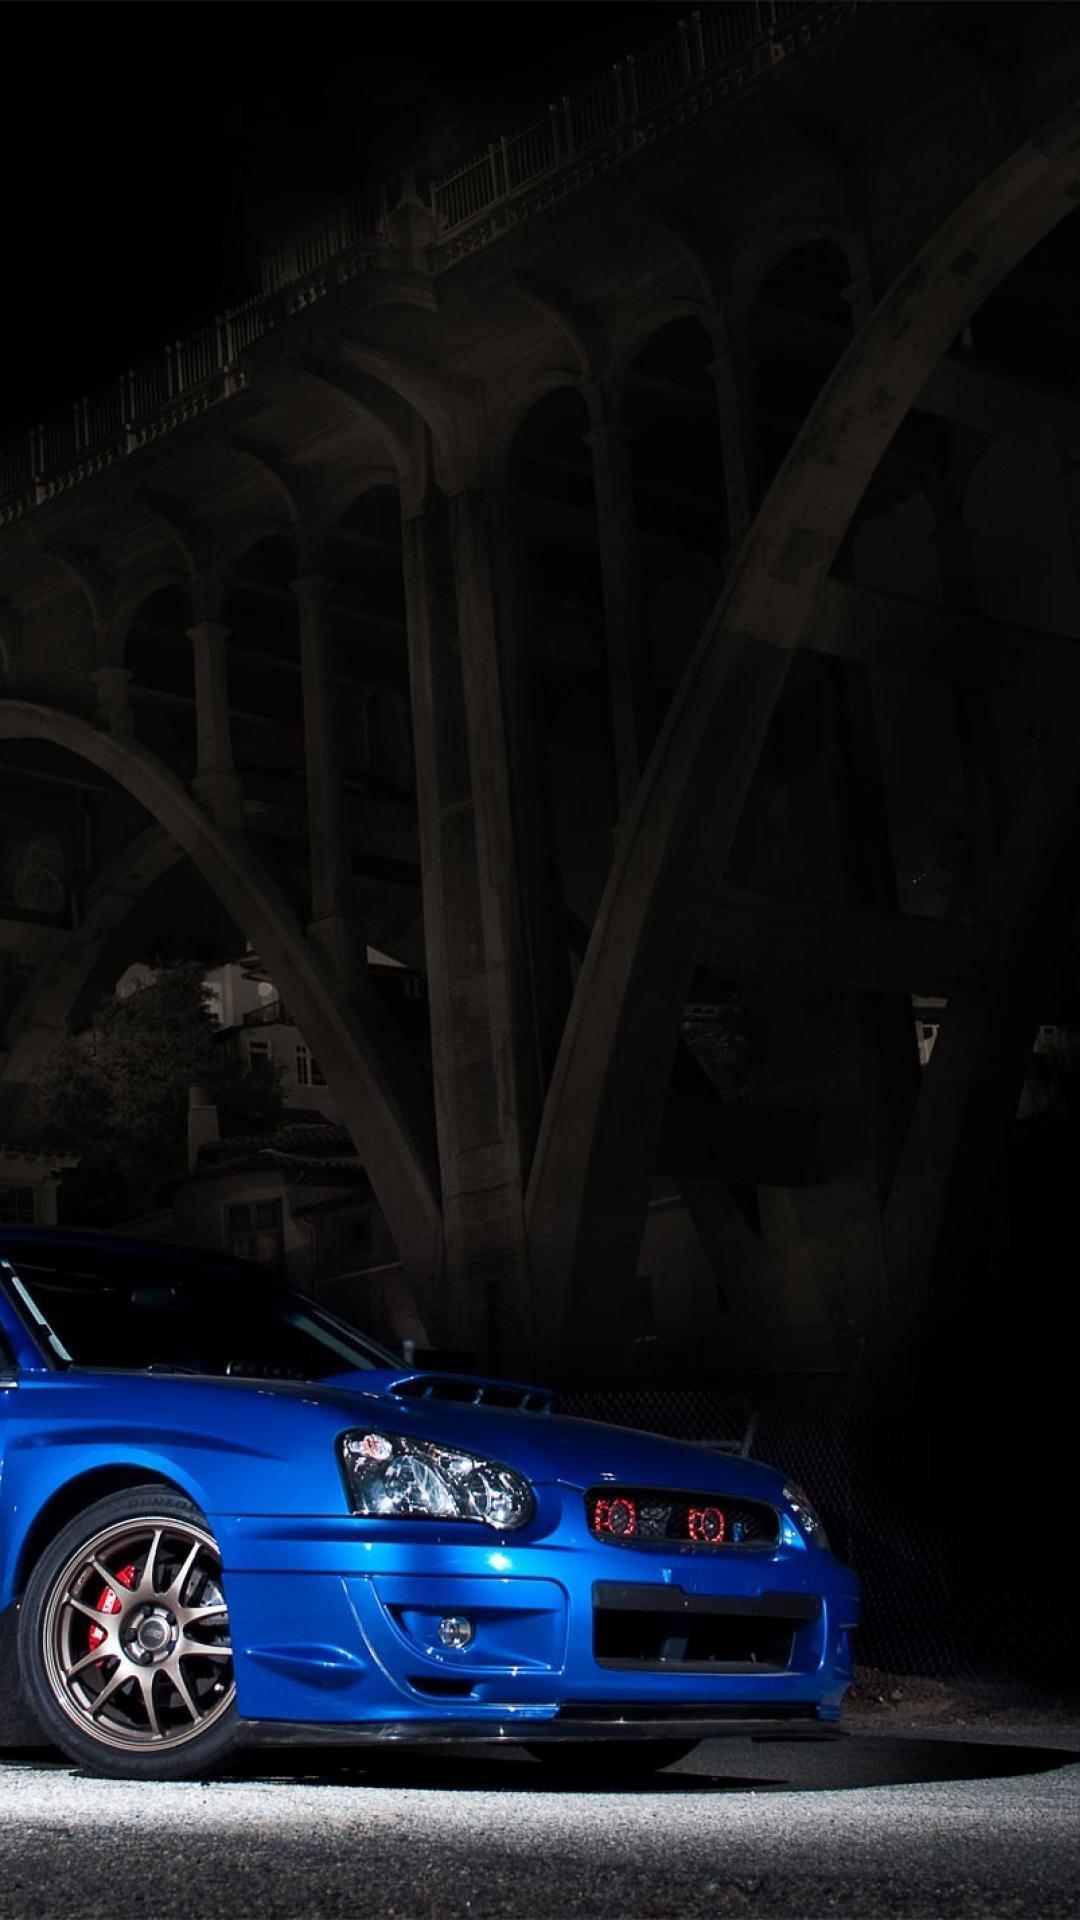 Subaru Mobile Wallpapers Wallpaper Cave